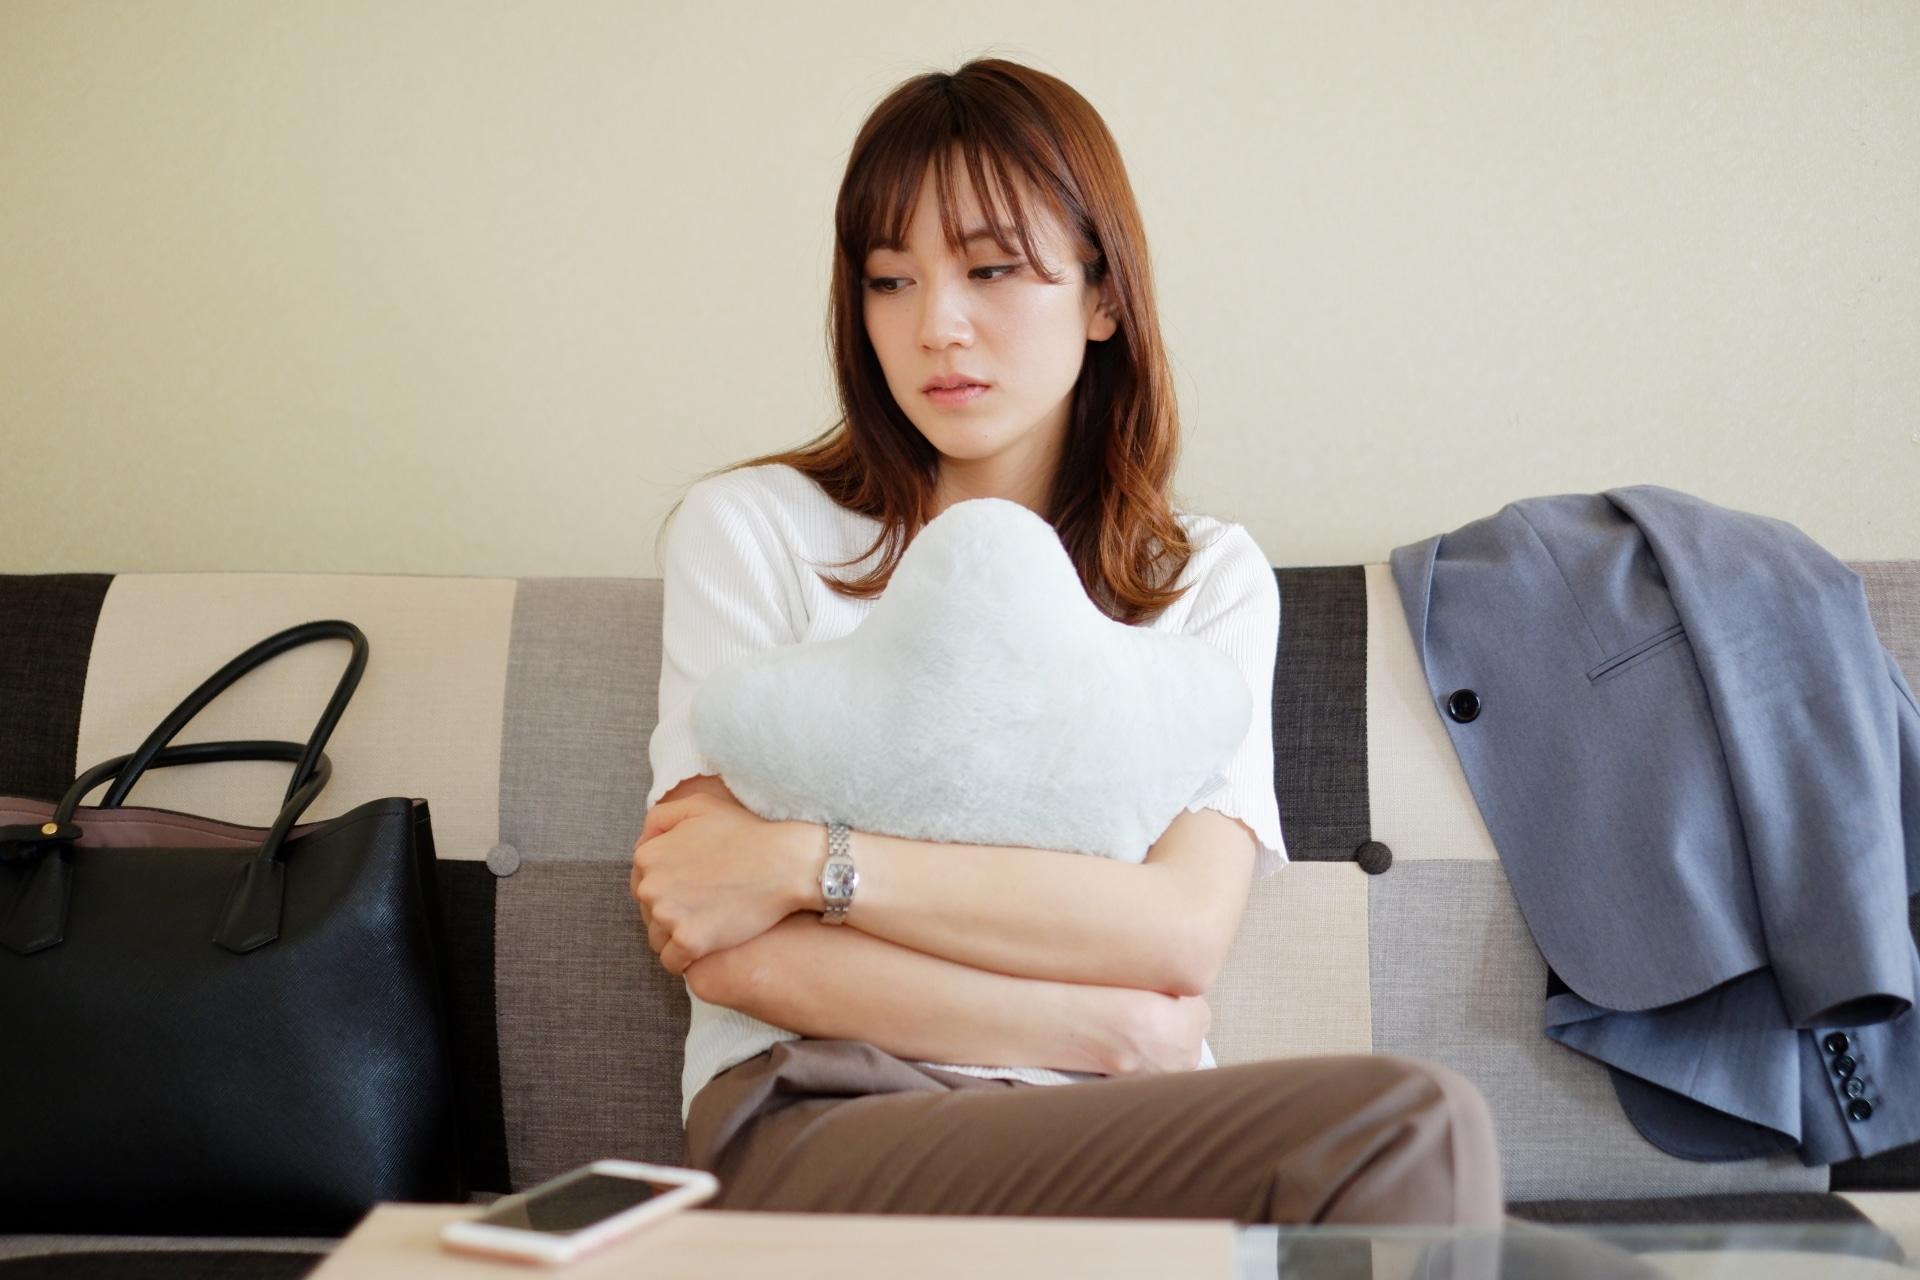 フォファ、疲労、落ち込む女性